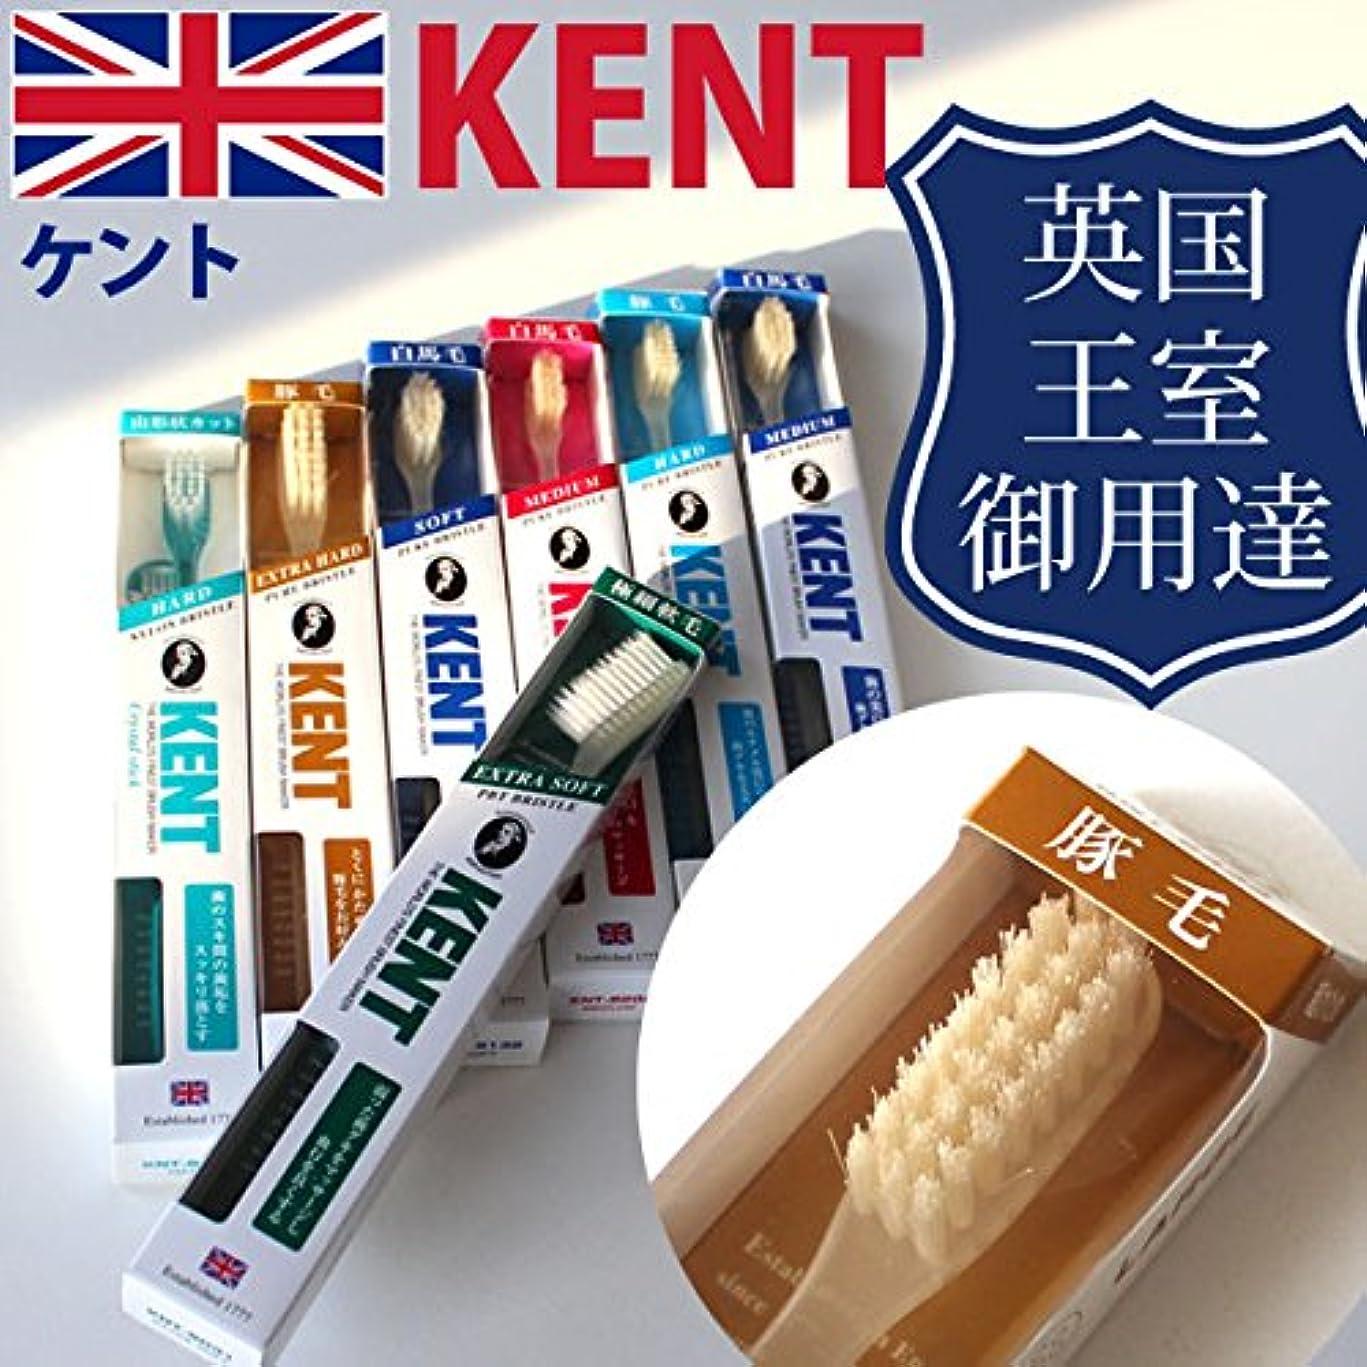 オート紳士ゆりかごケント KENT 豚毛 コンパクト 歯ブラシKNT-9233/9833 6本入り 他の天然毛の歯ブラシに比べて細かく磨 かため